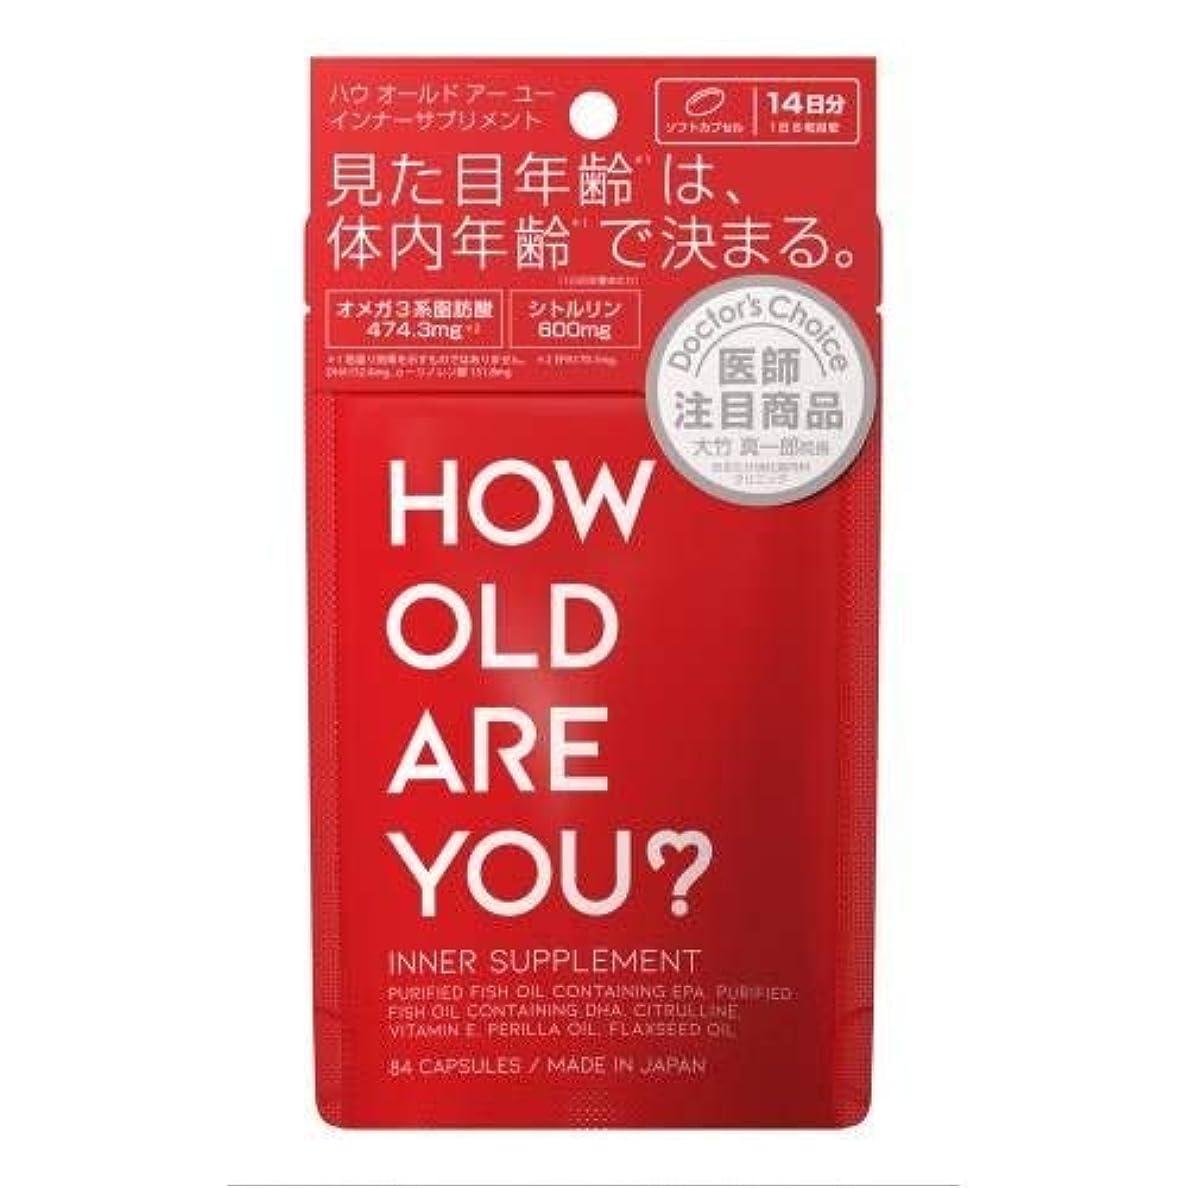 お別れ内側ふりをするHOW OLD ARE YOU?(ハウオールドアーユー) インナーサプリメント 84粒